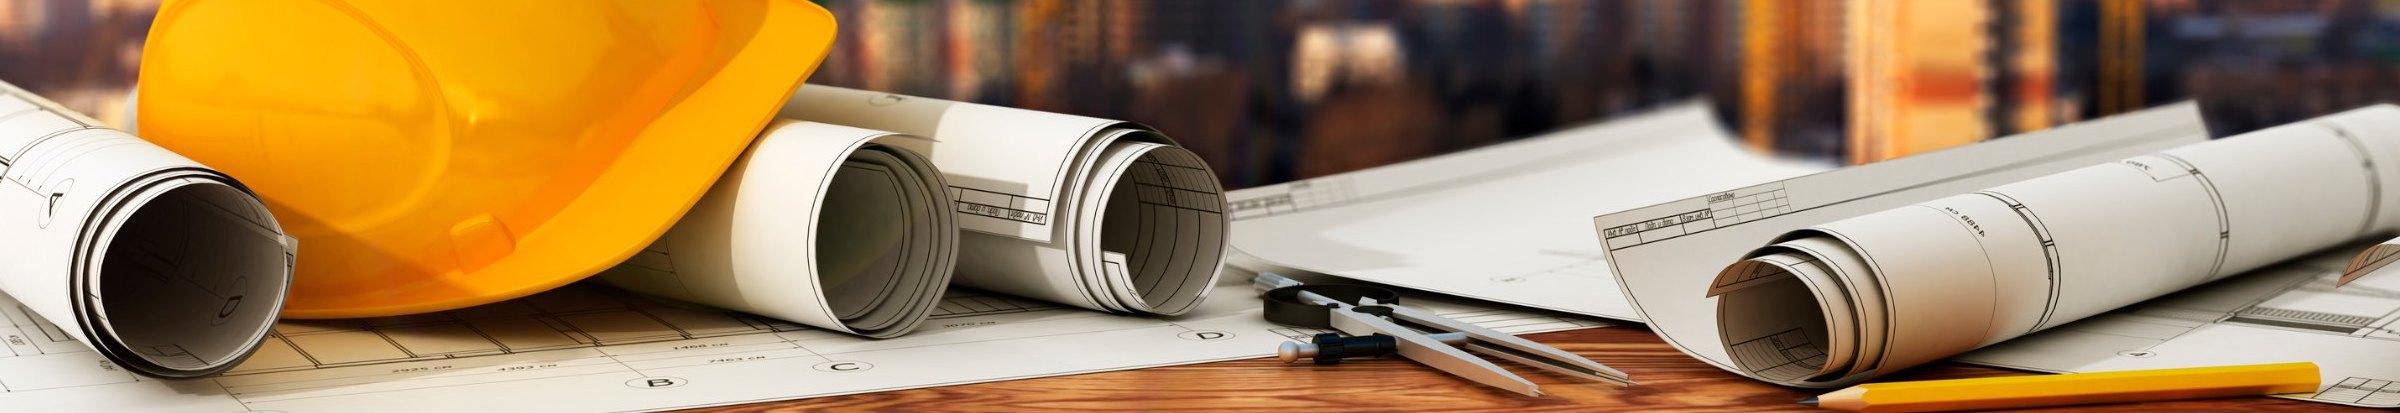 Property-management-design-construction-management